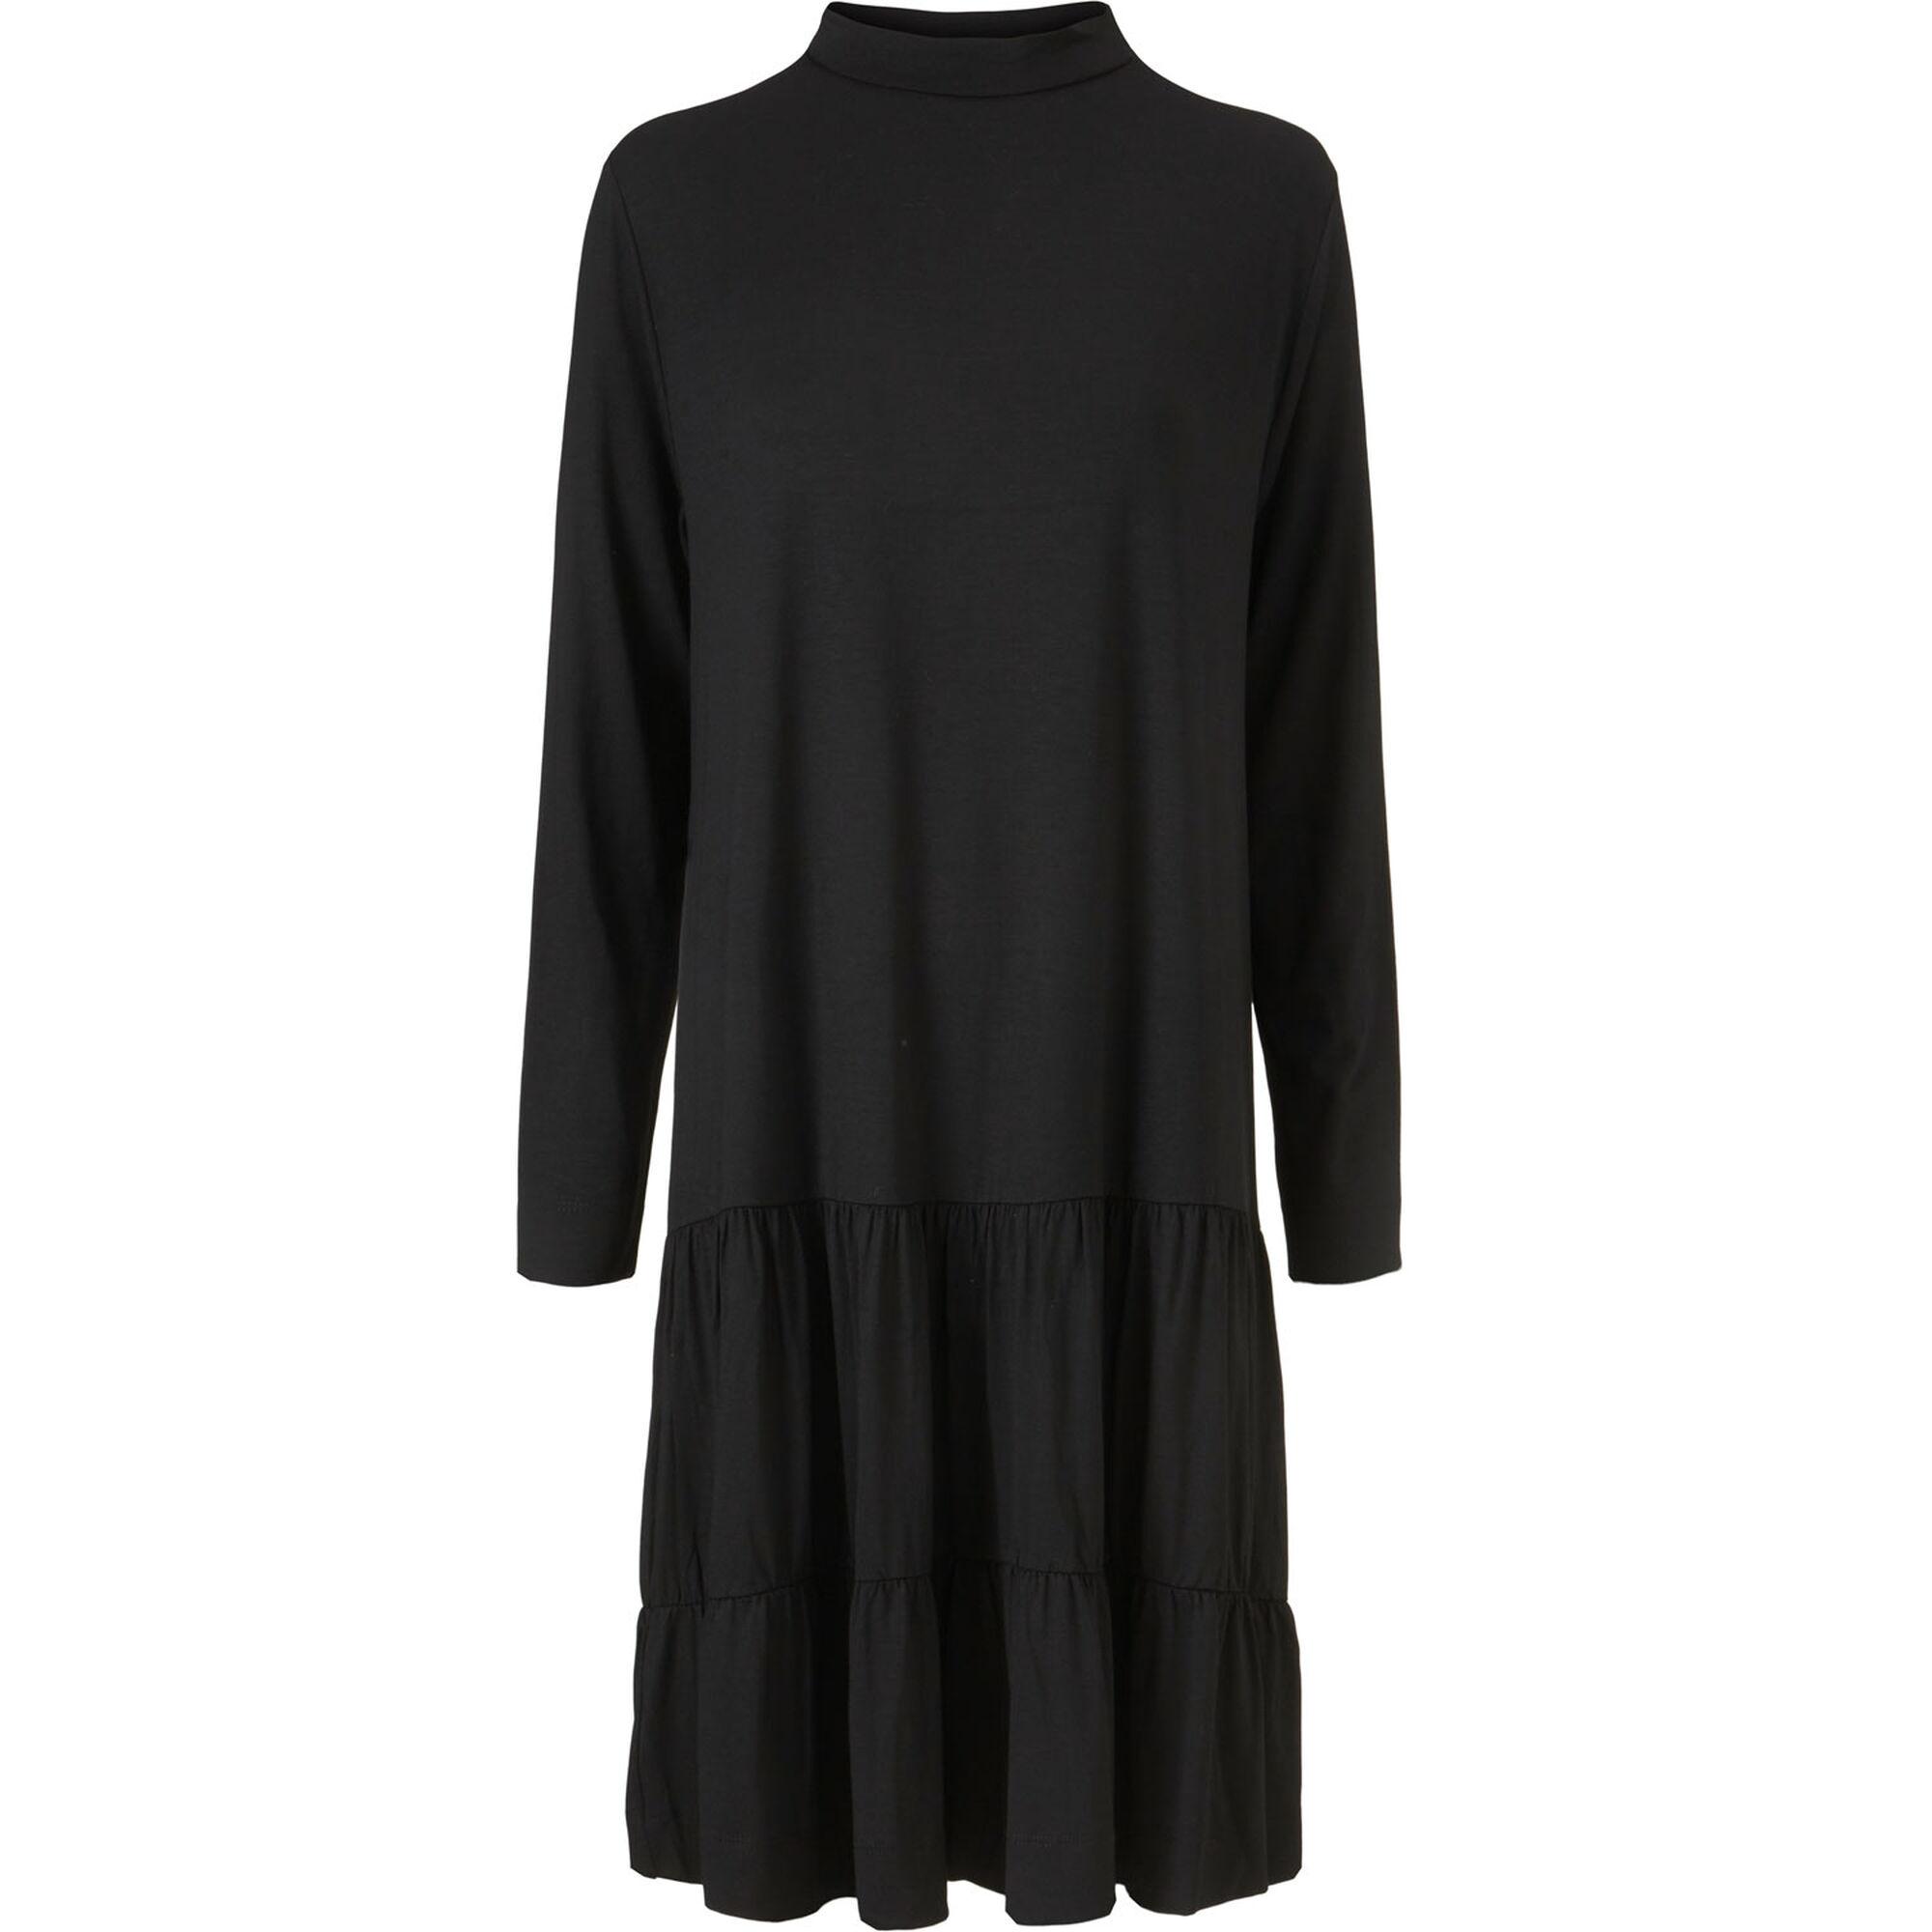 NORIS DRESS, Black, hi-res